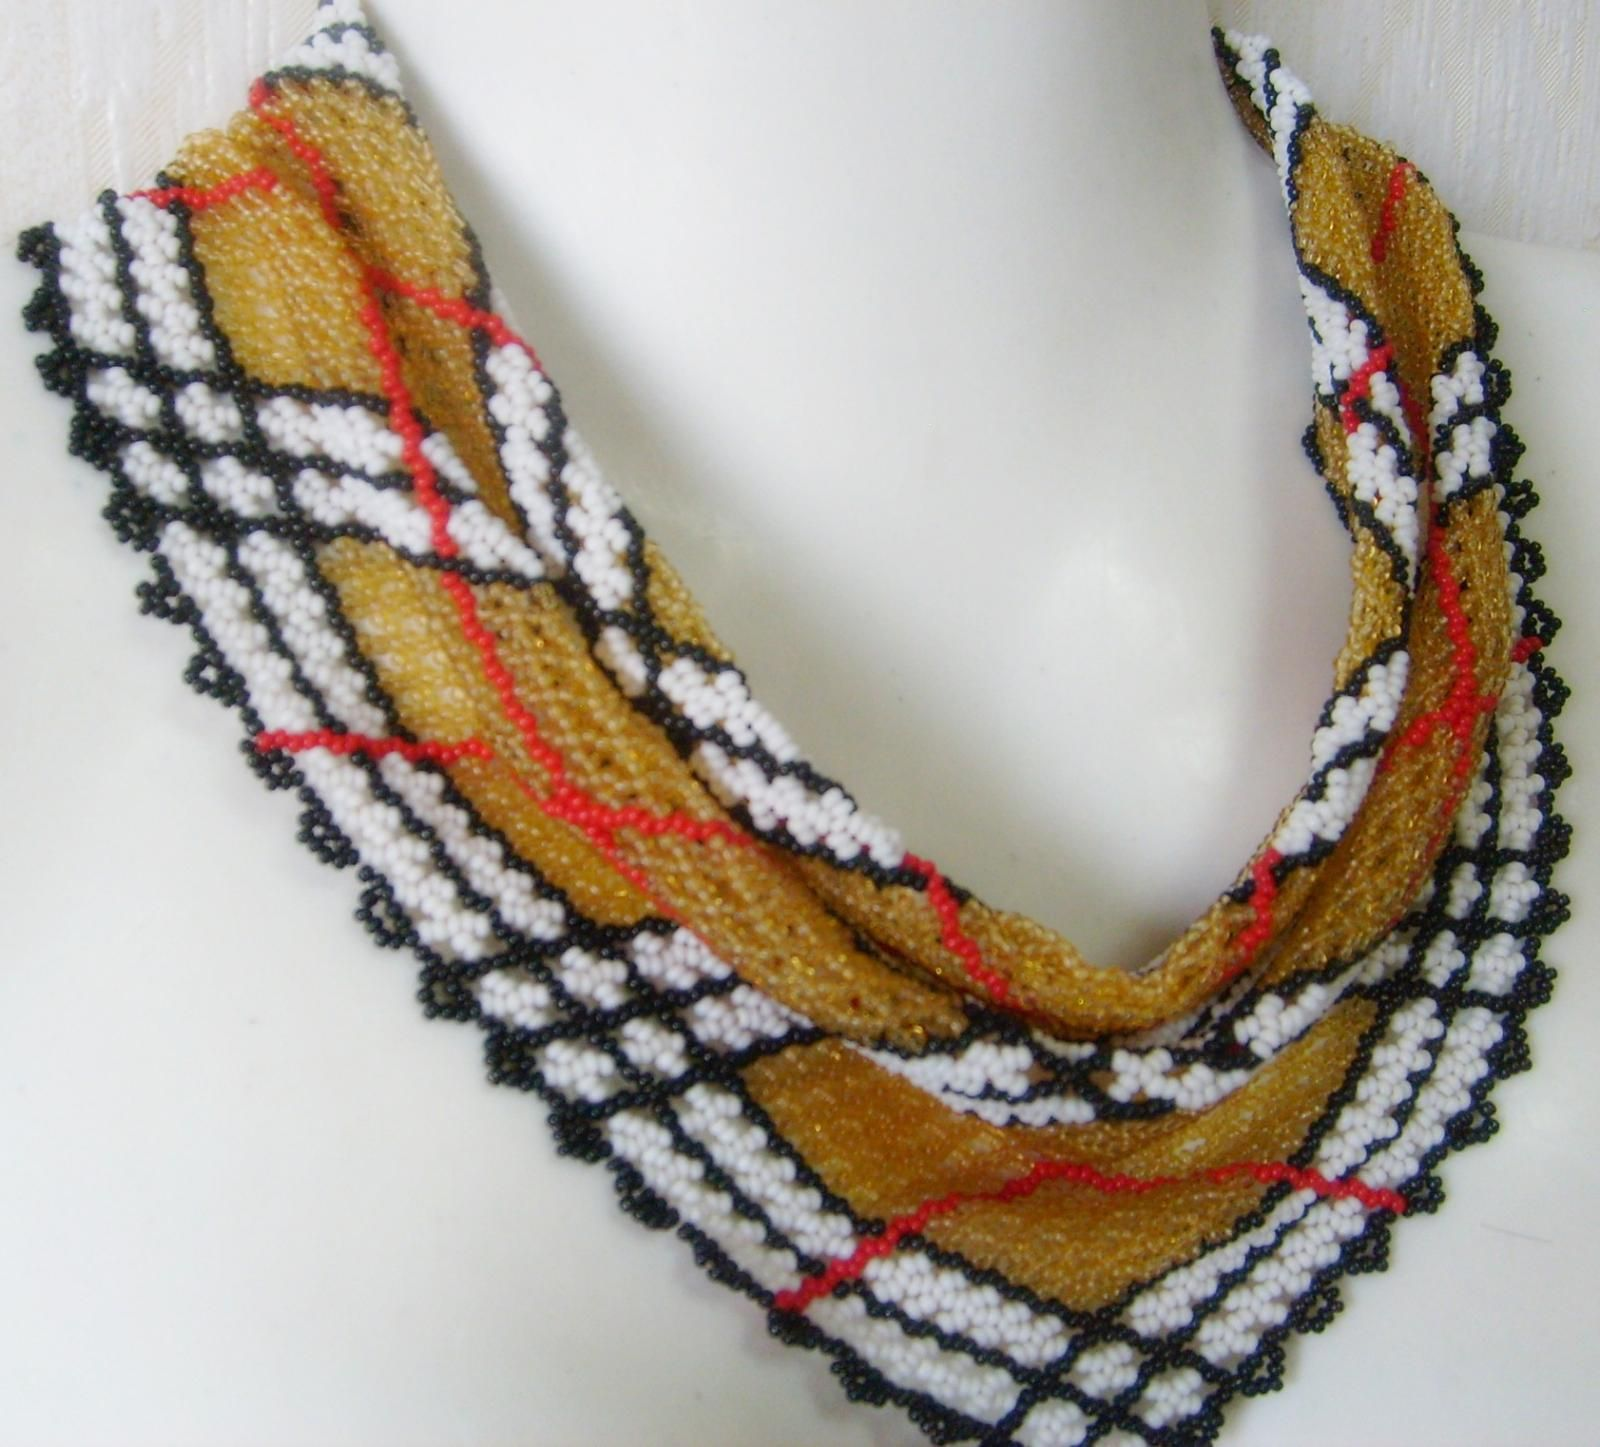 ожерелье-косынка схема